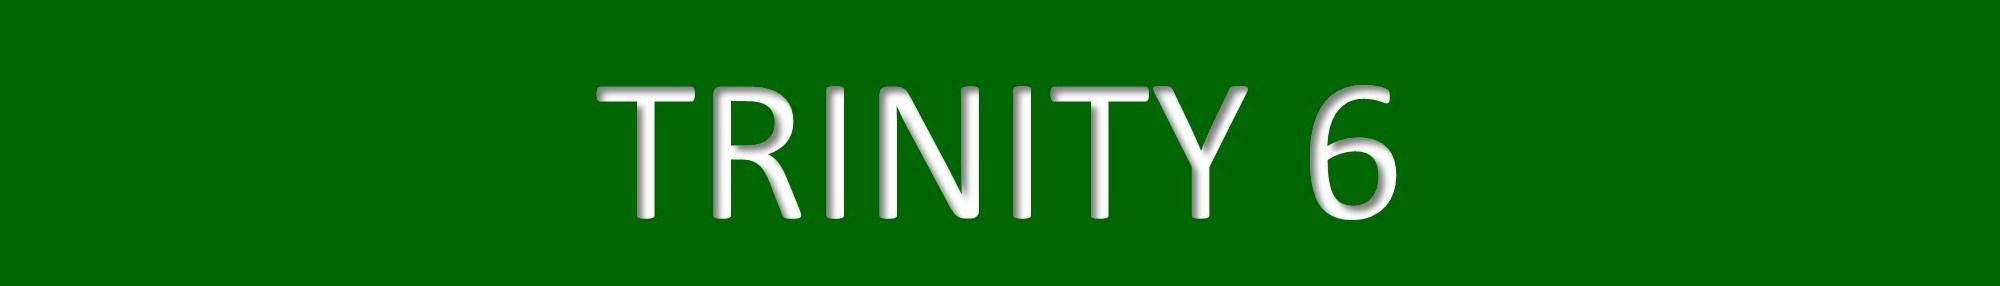 Trinity 6 header